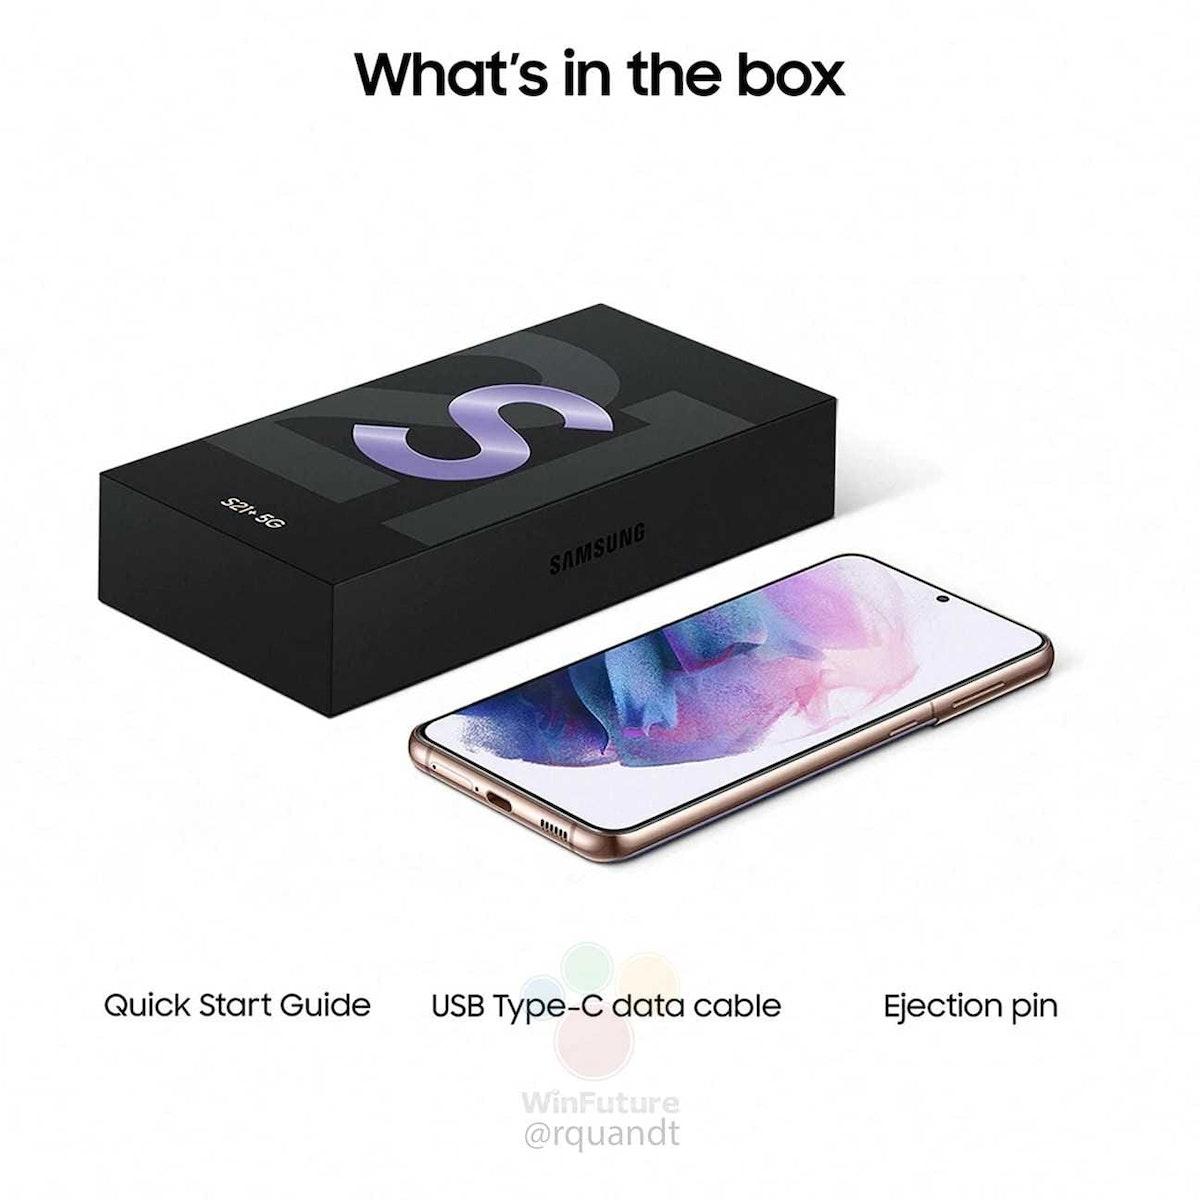 صورة ترويجية مسربة لعلبة هاتف سامسونغ غلاكسي S21 بلس - WinFuture